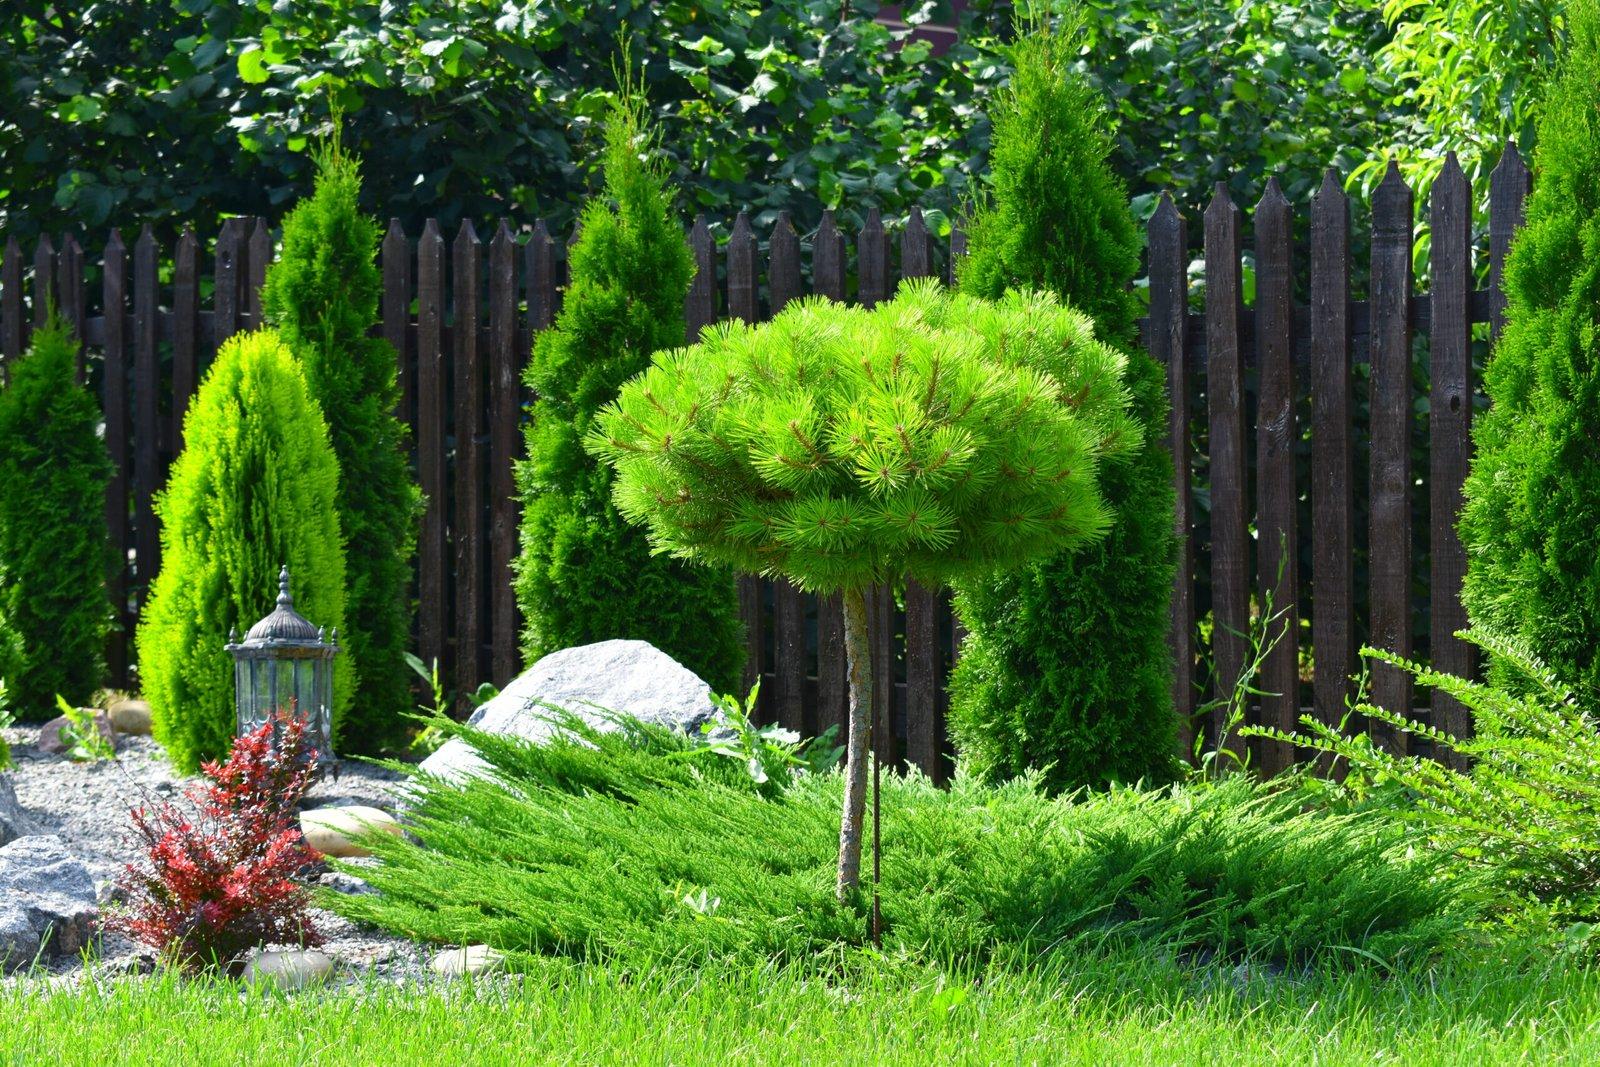 услуги по озеленению и благоустройству загородных домов Киев, Стоимость работ по созданию газона Киев,